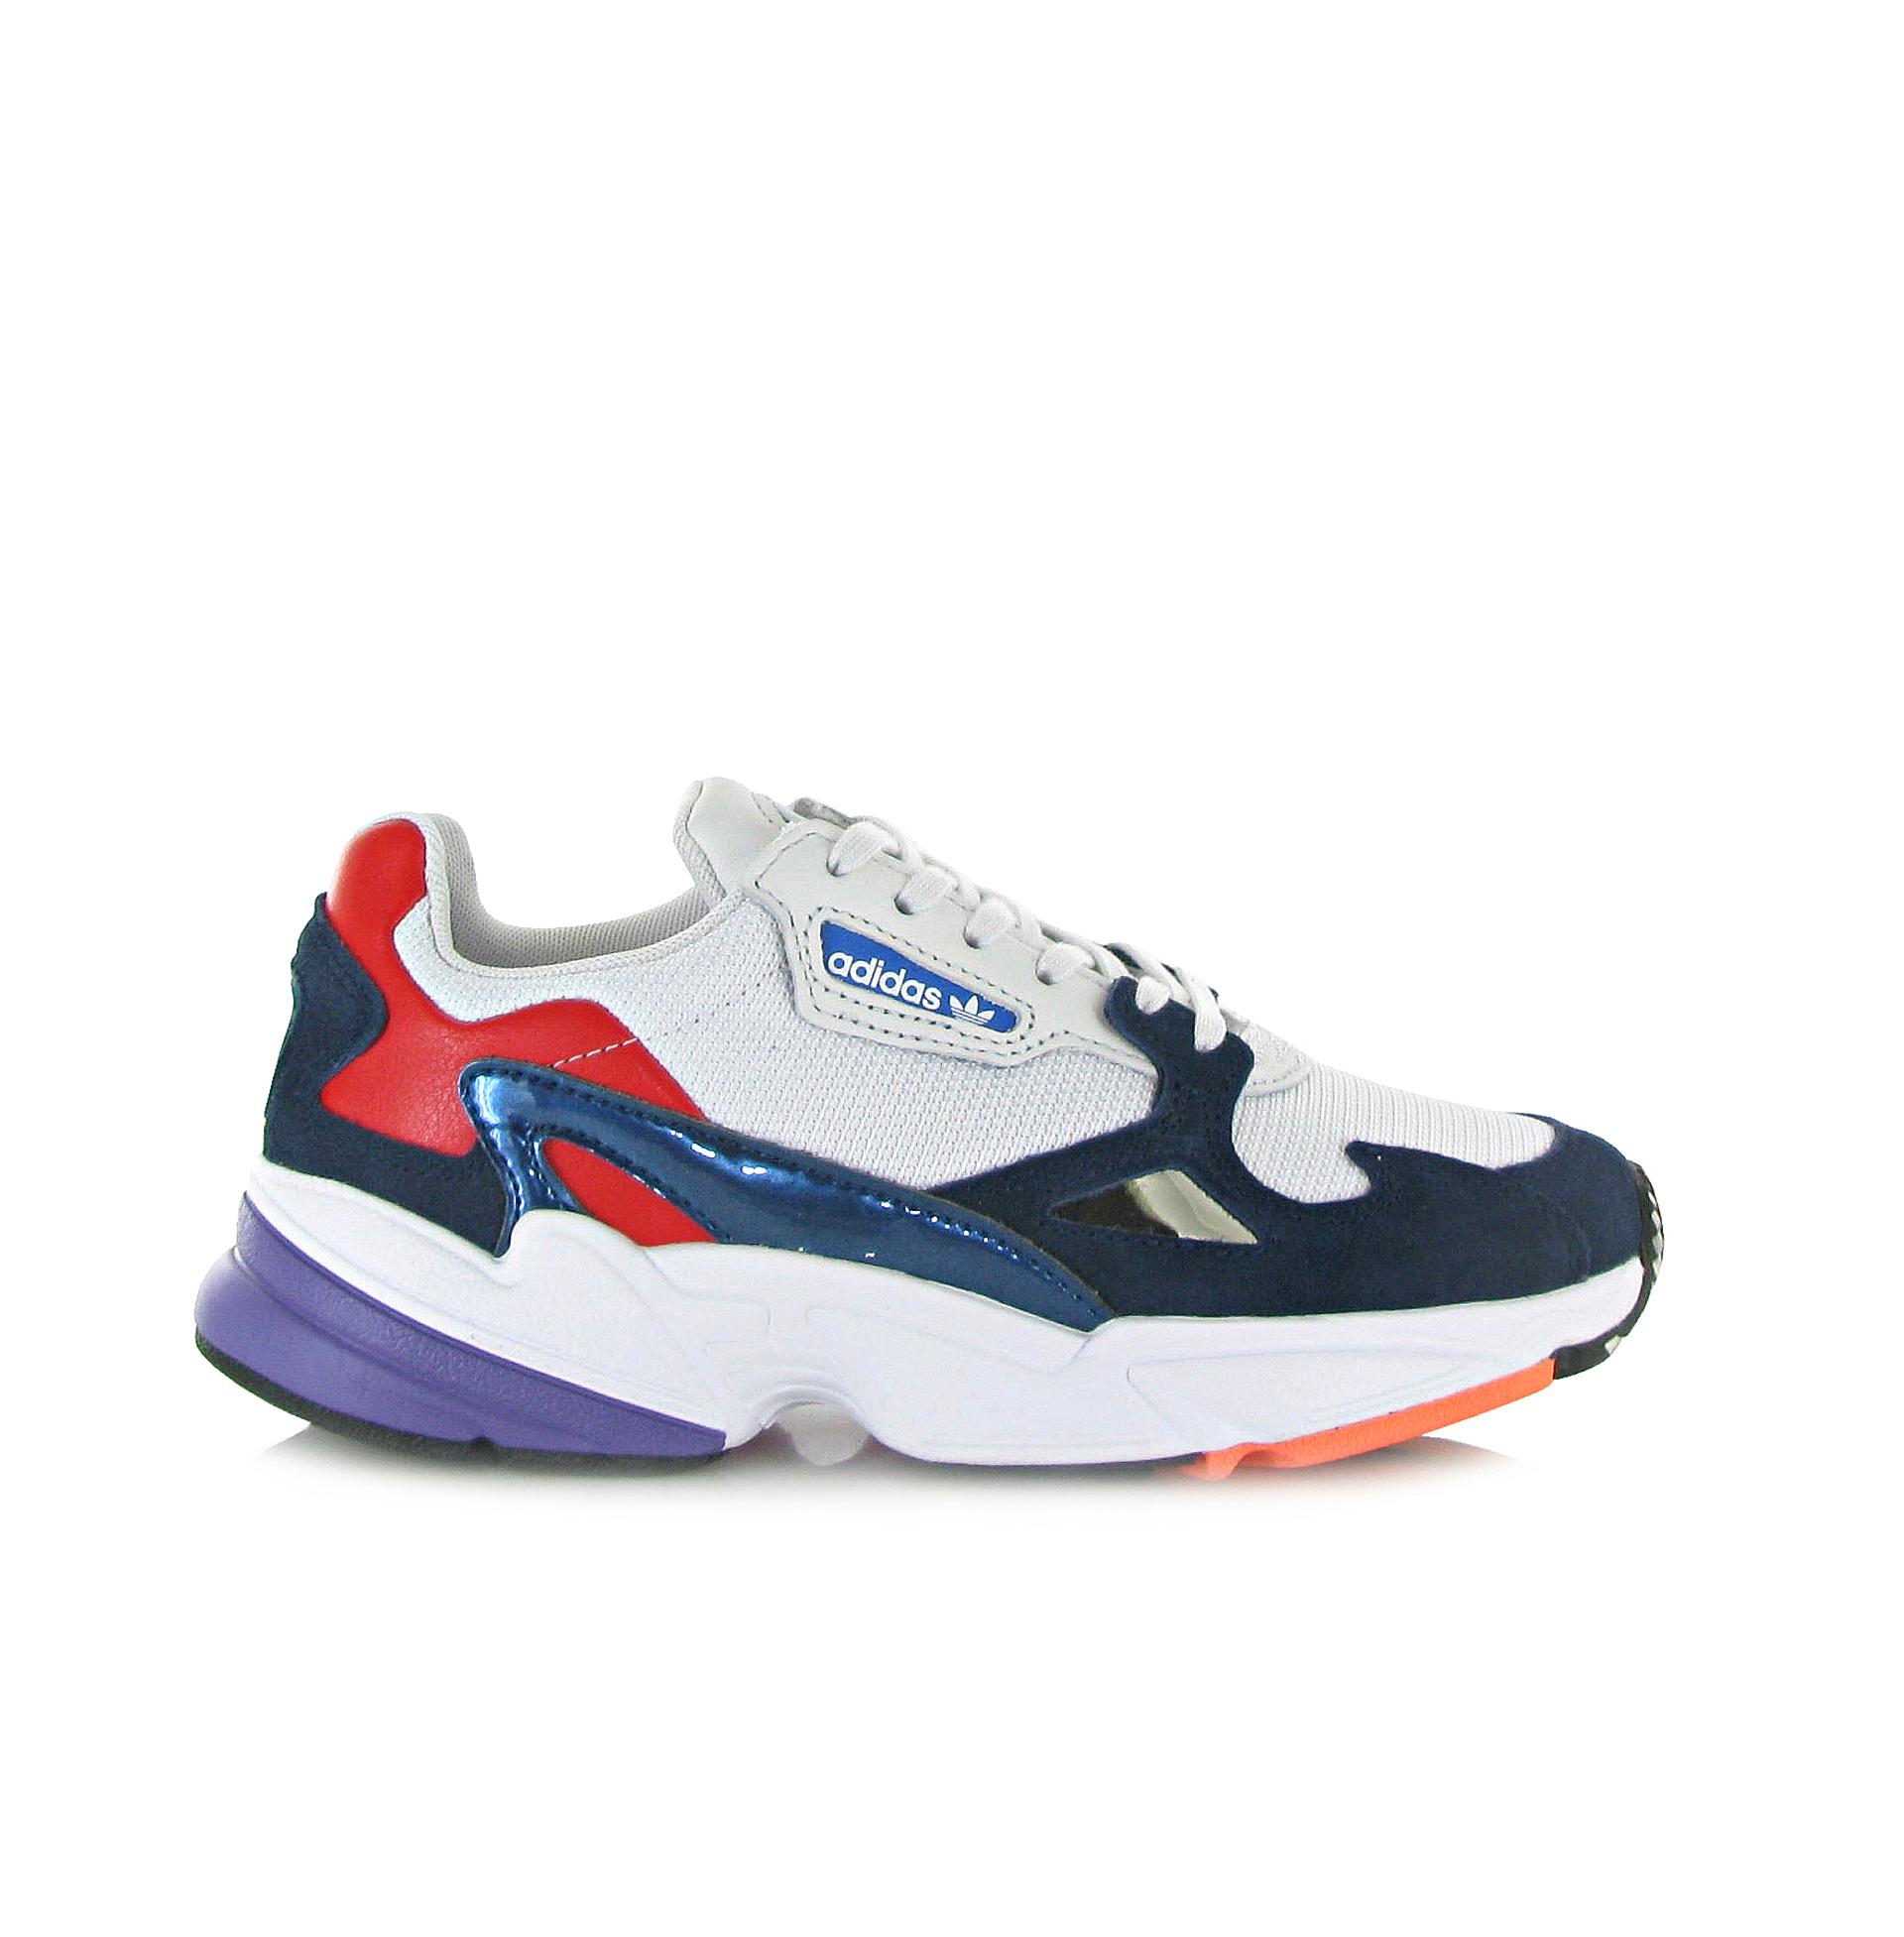 73b453b8aa8 Dames sneakers online kopen | Fashionchick.nl | Trends 2019